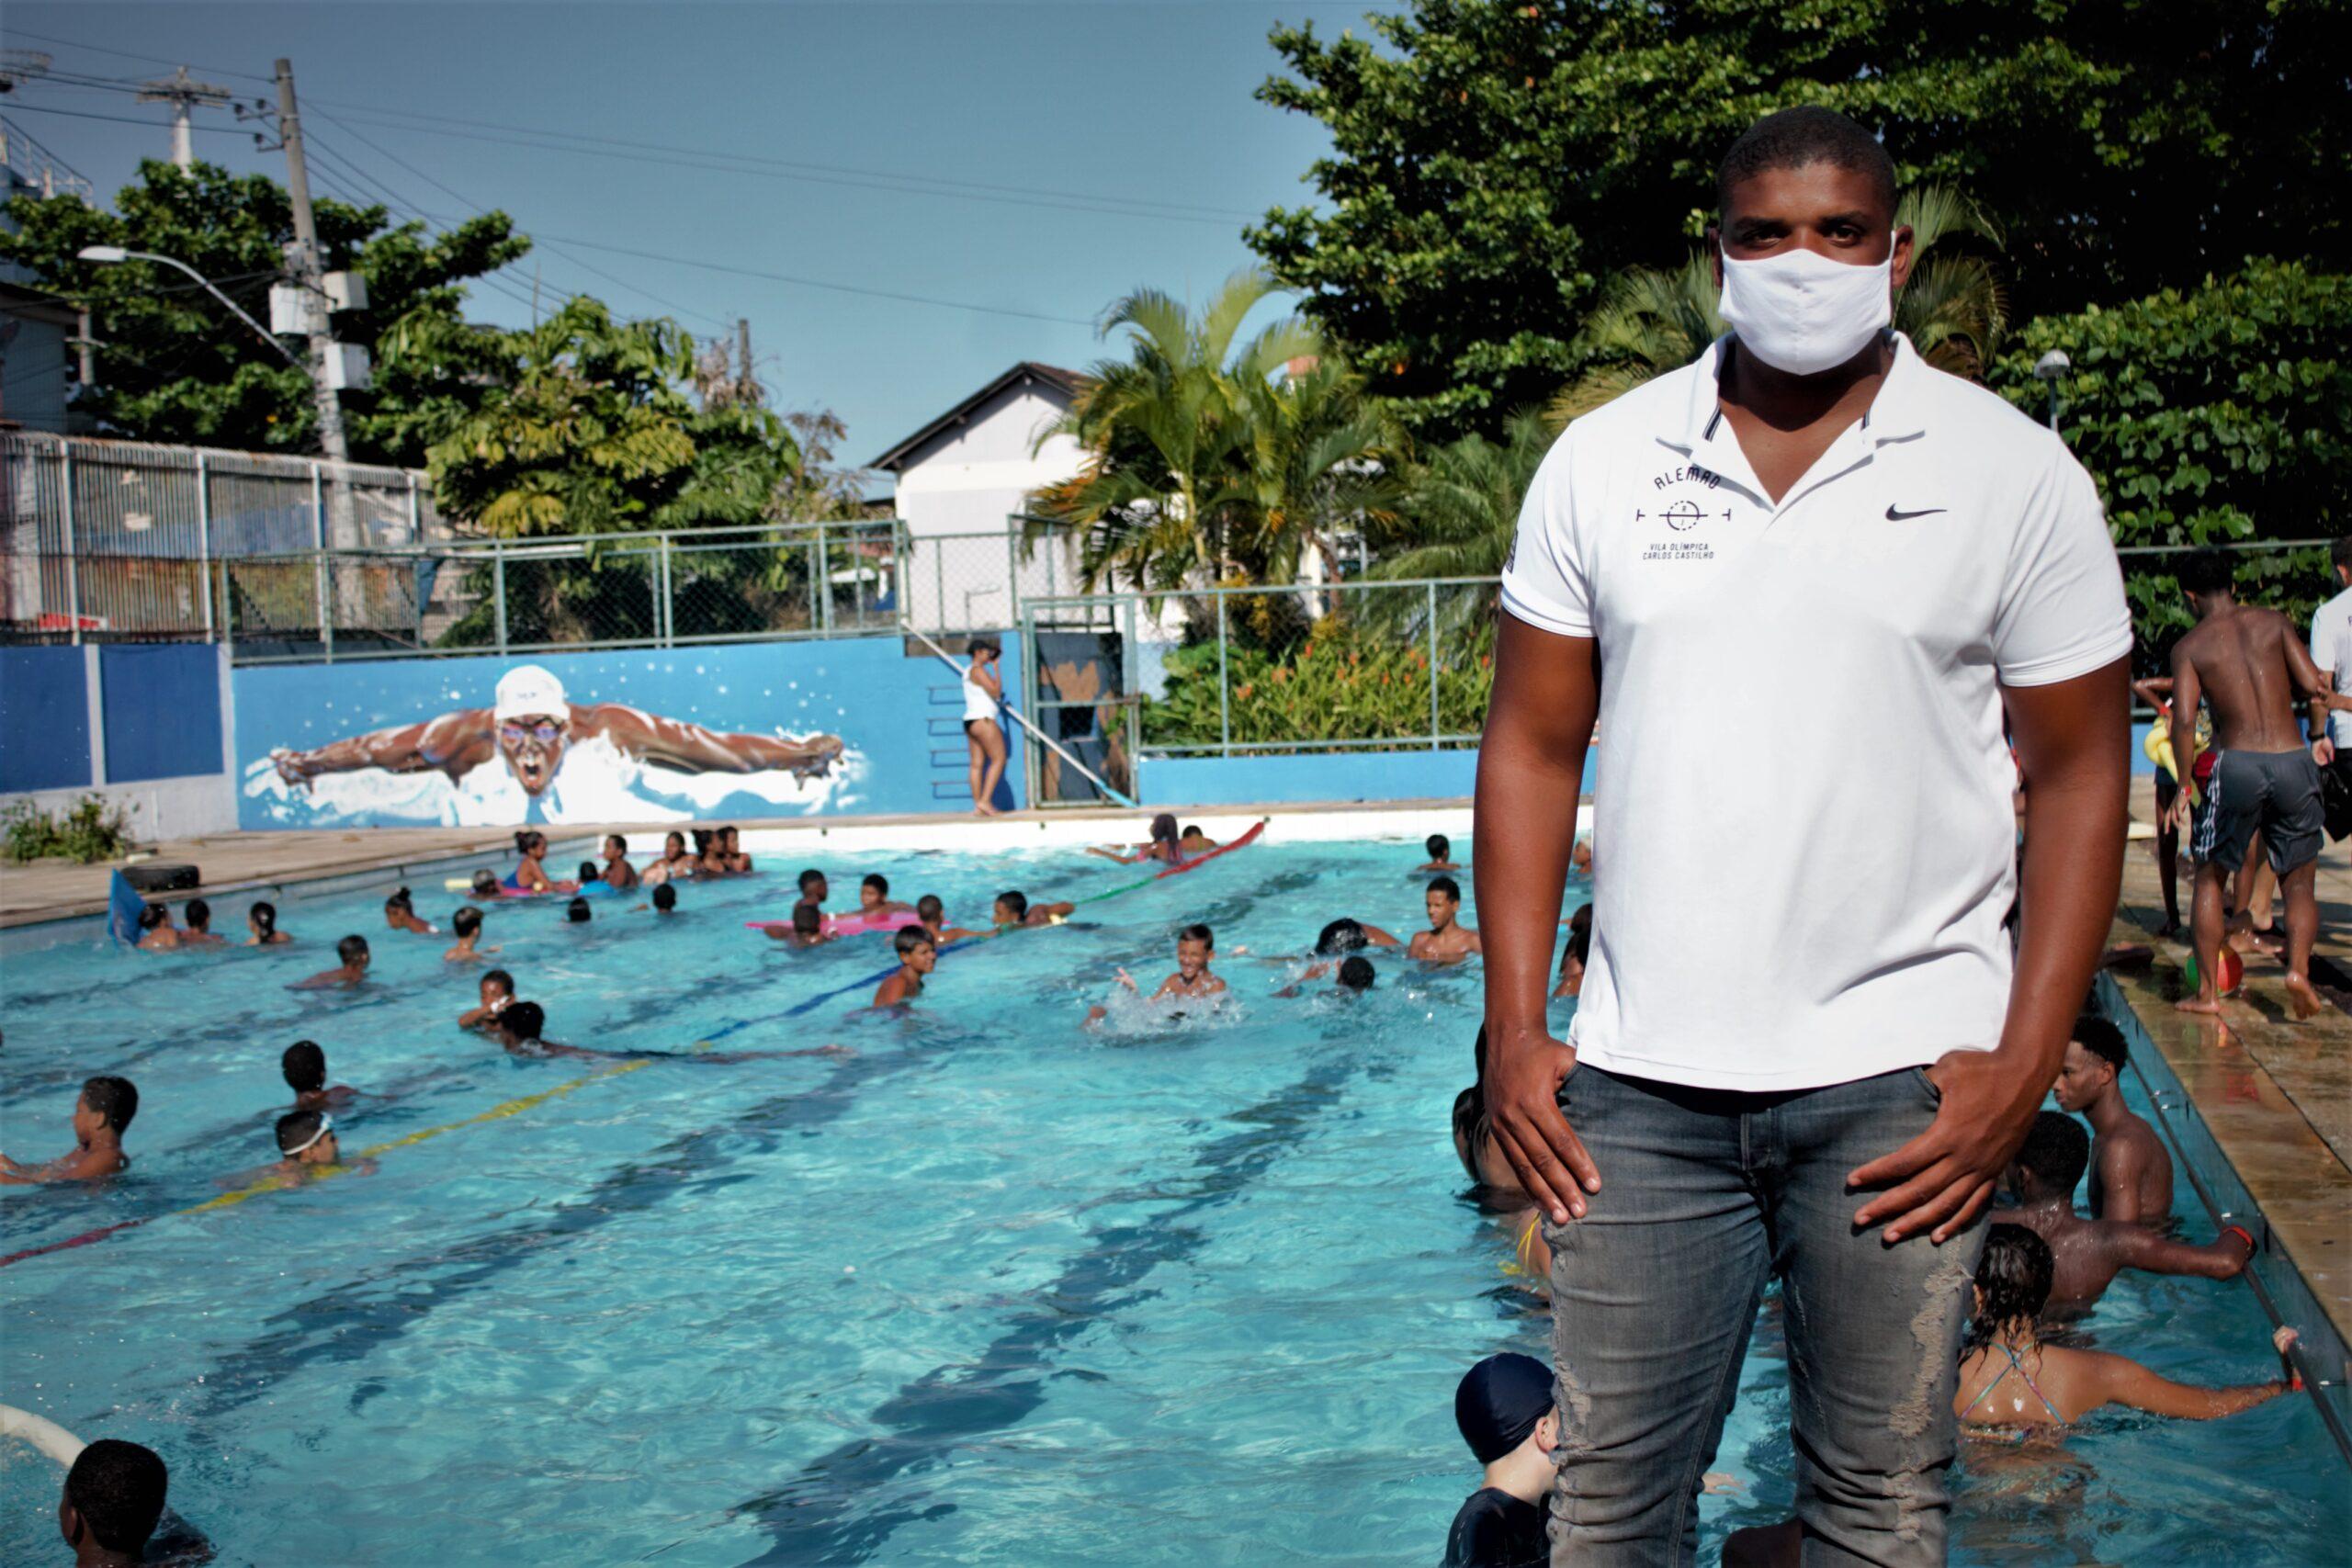 Vila Olímpica do Complexo do Alemão promove colônia de férias para as crianças